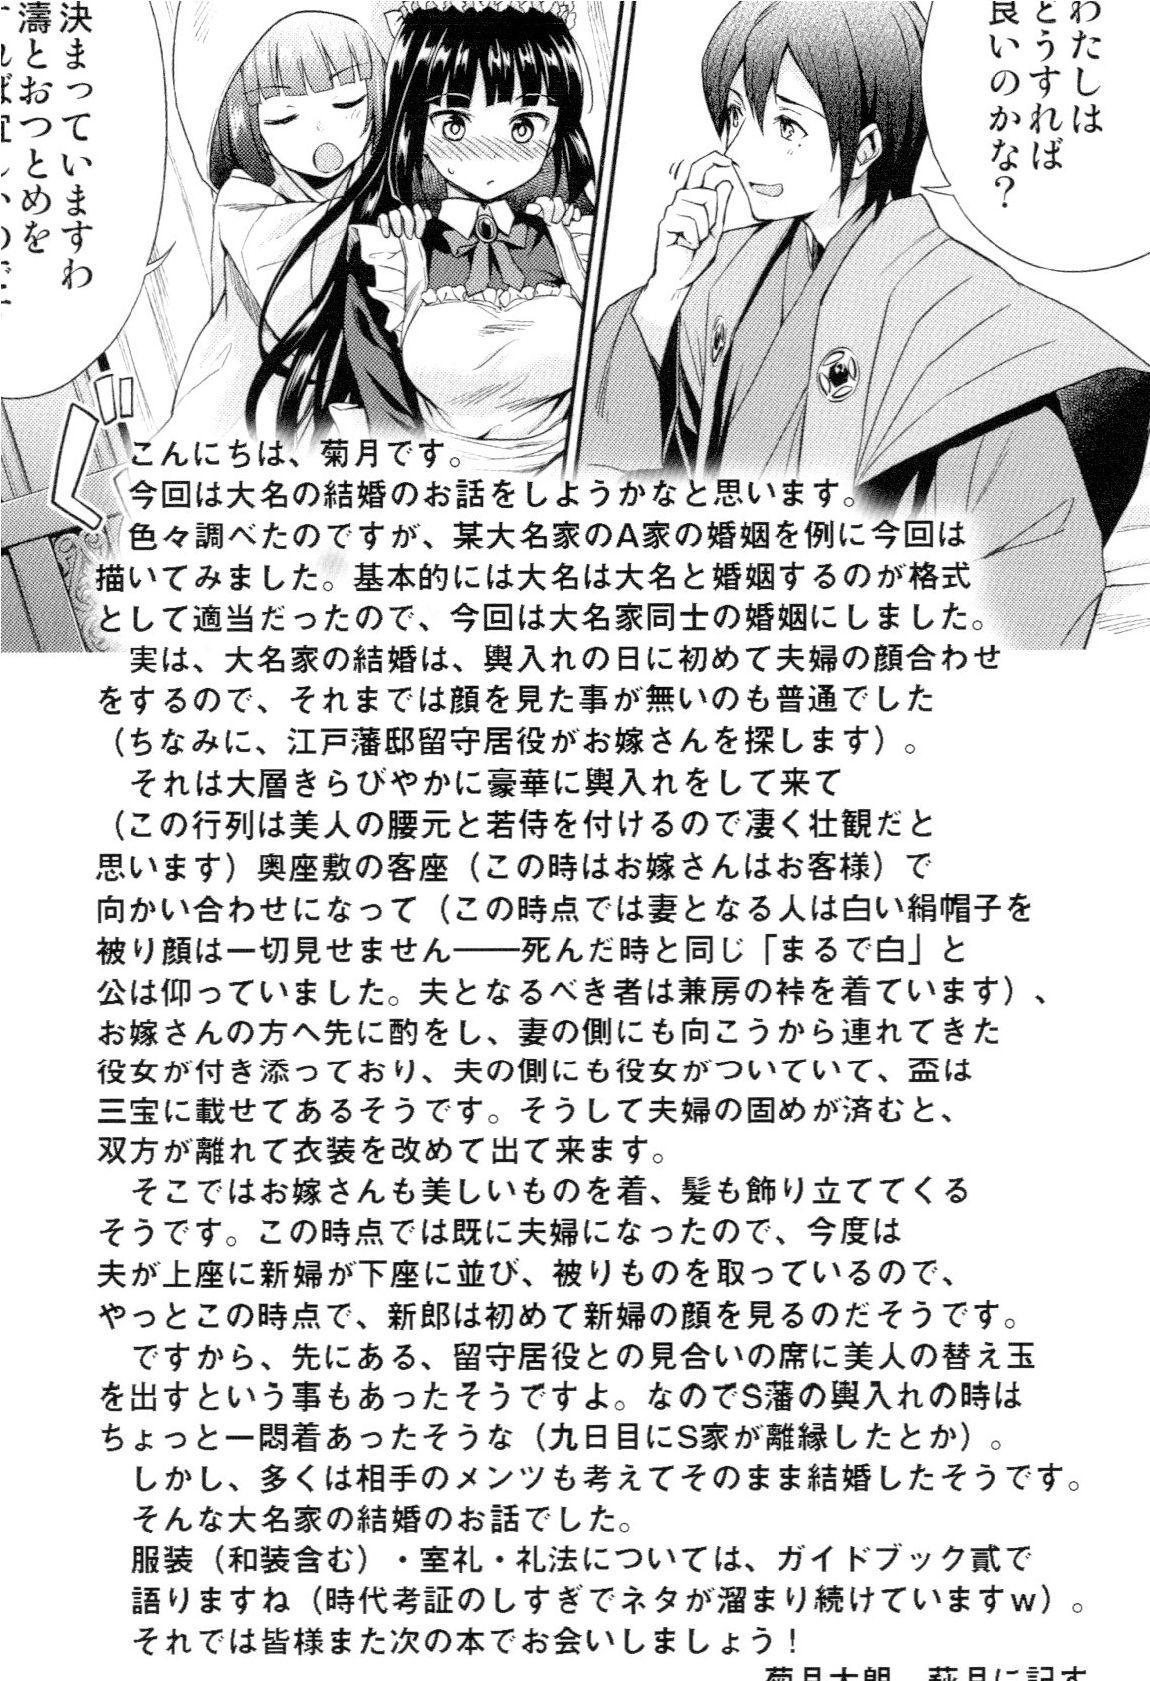 Haruhira Hakushaku-ke no Jijou Go 34